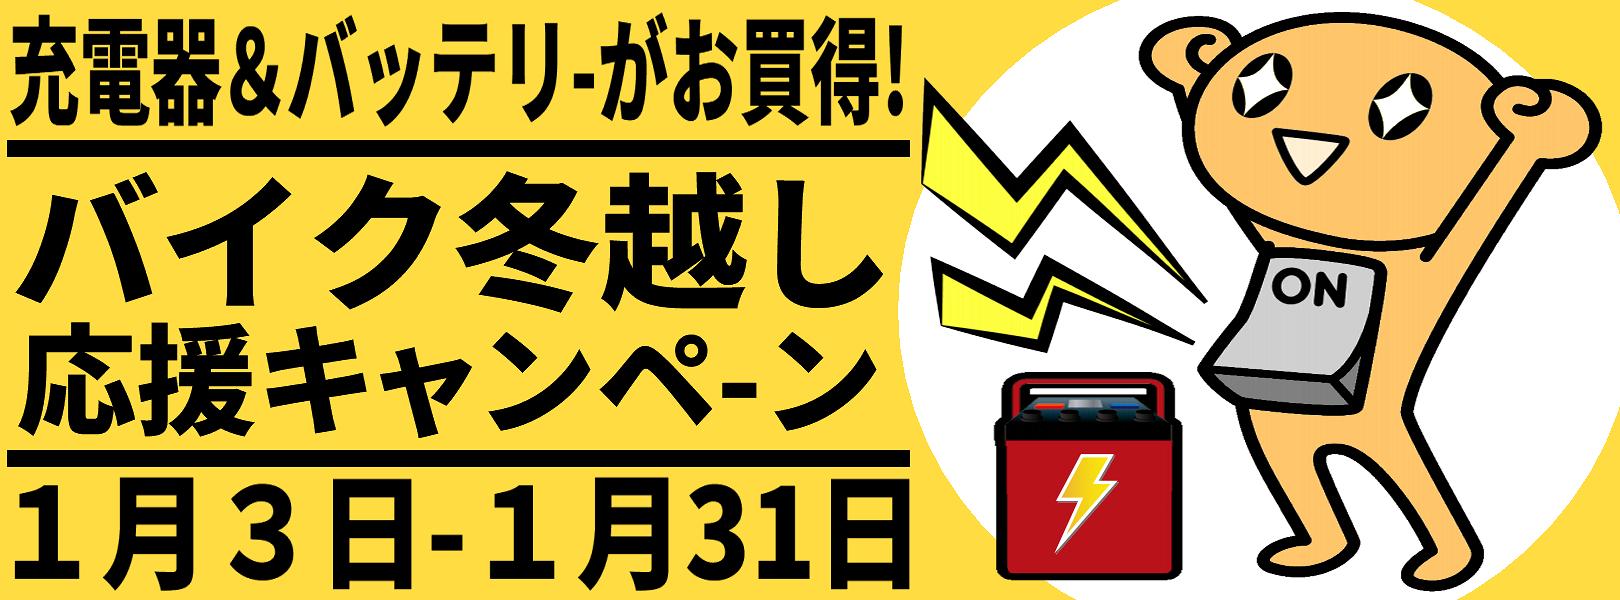 【クシタニ】レギュレーターライトジャケット入荷_b0163075_16334846.png